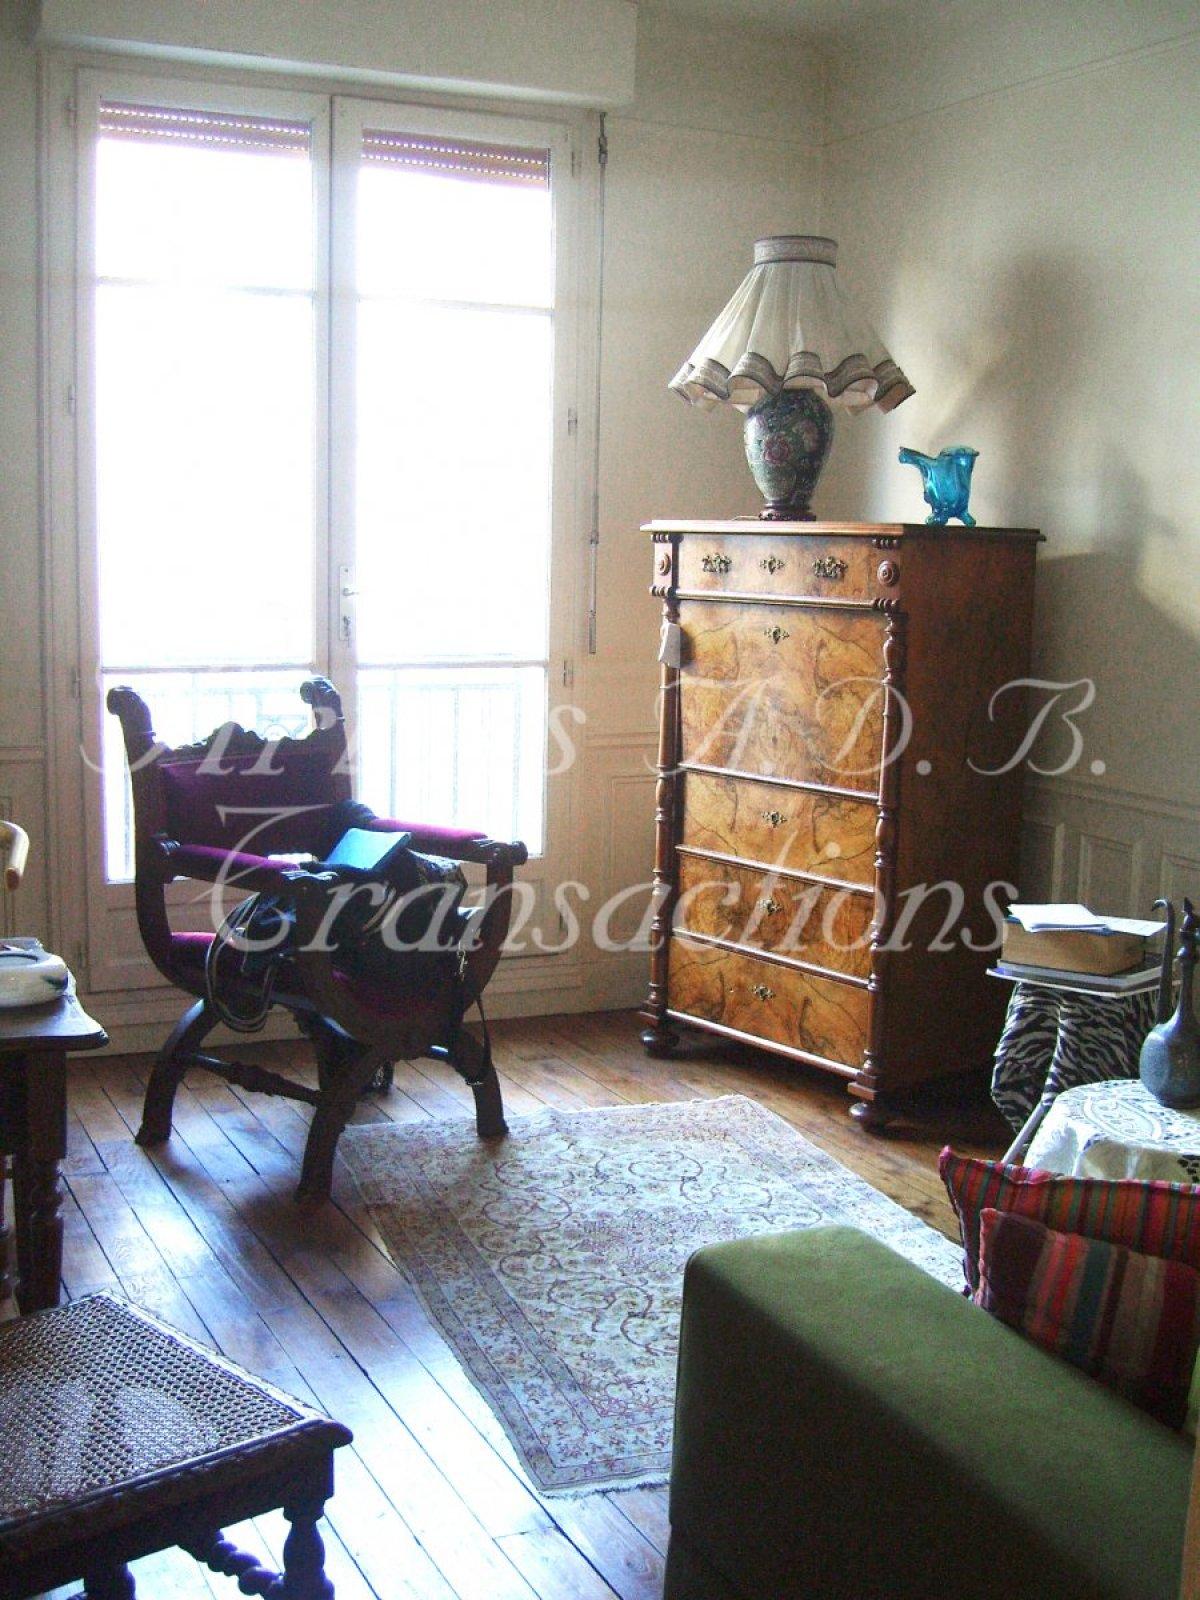 Vente appartement 2 pi ces paris 75015 artois a d b transactions - Convention de copropriete ...